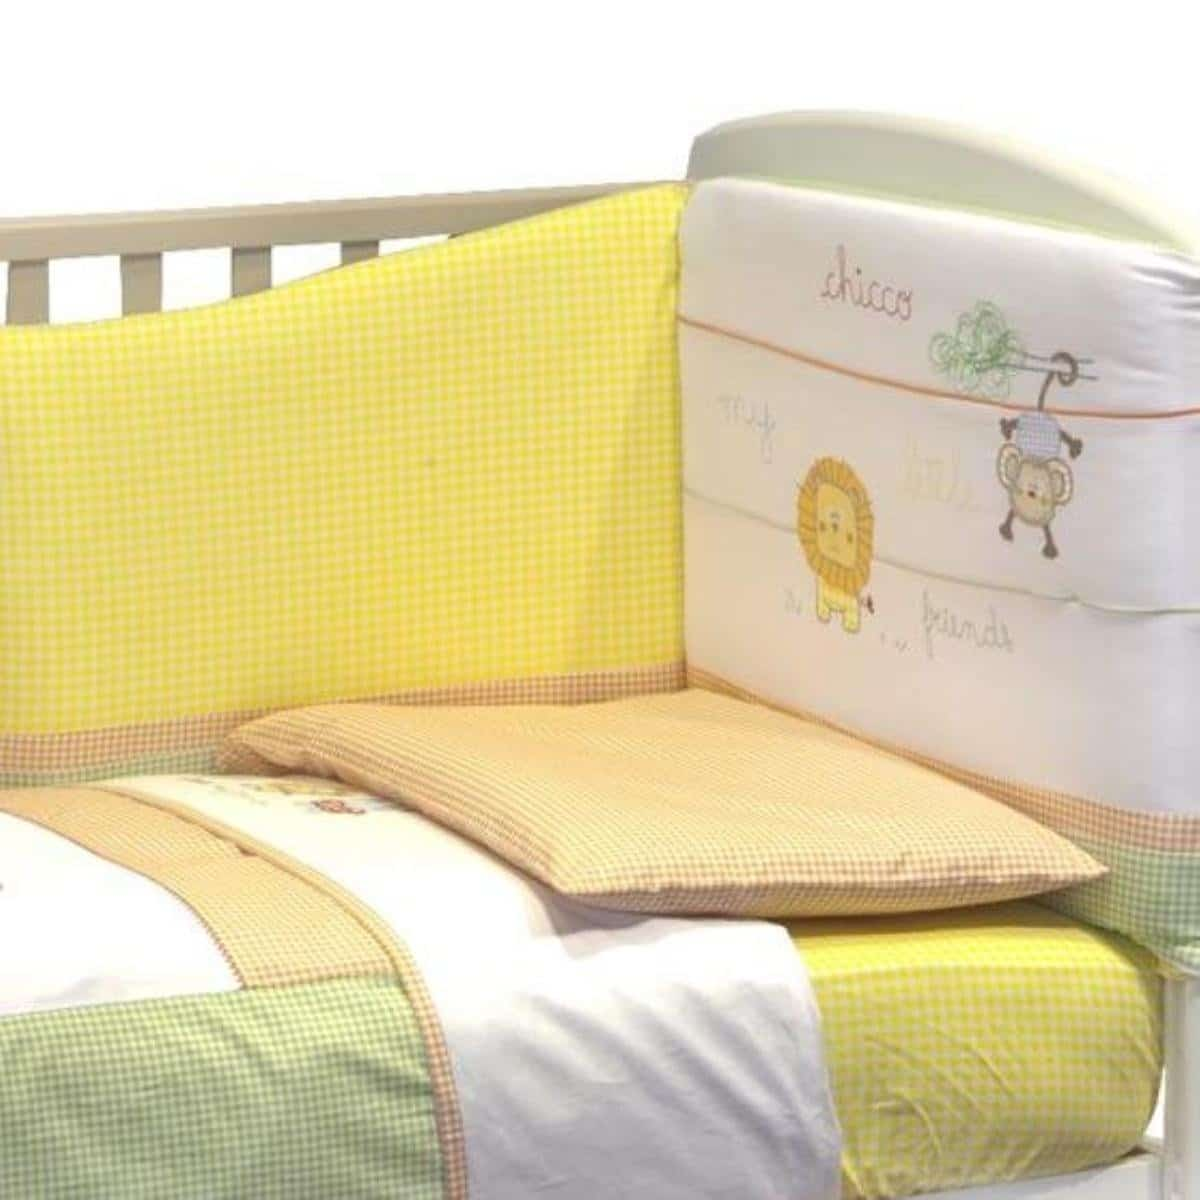 Paracolpi lettino, un dispositivo per la sicurezza del tuo bebè ...